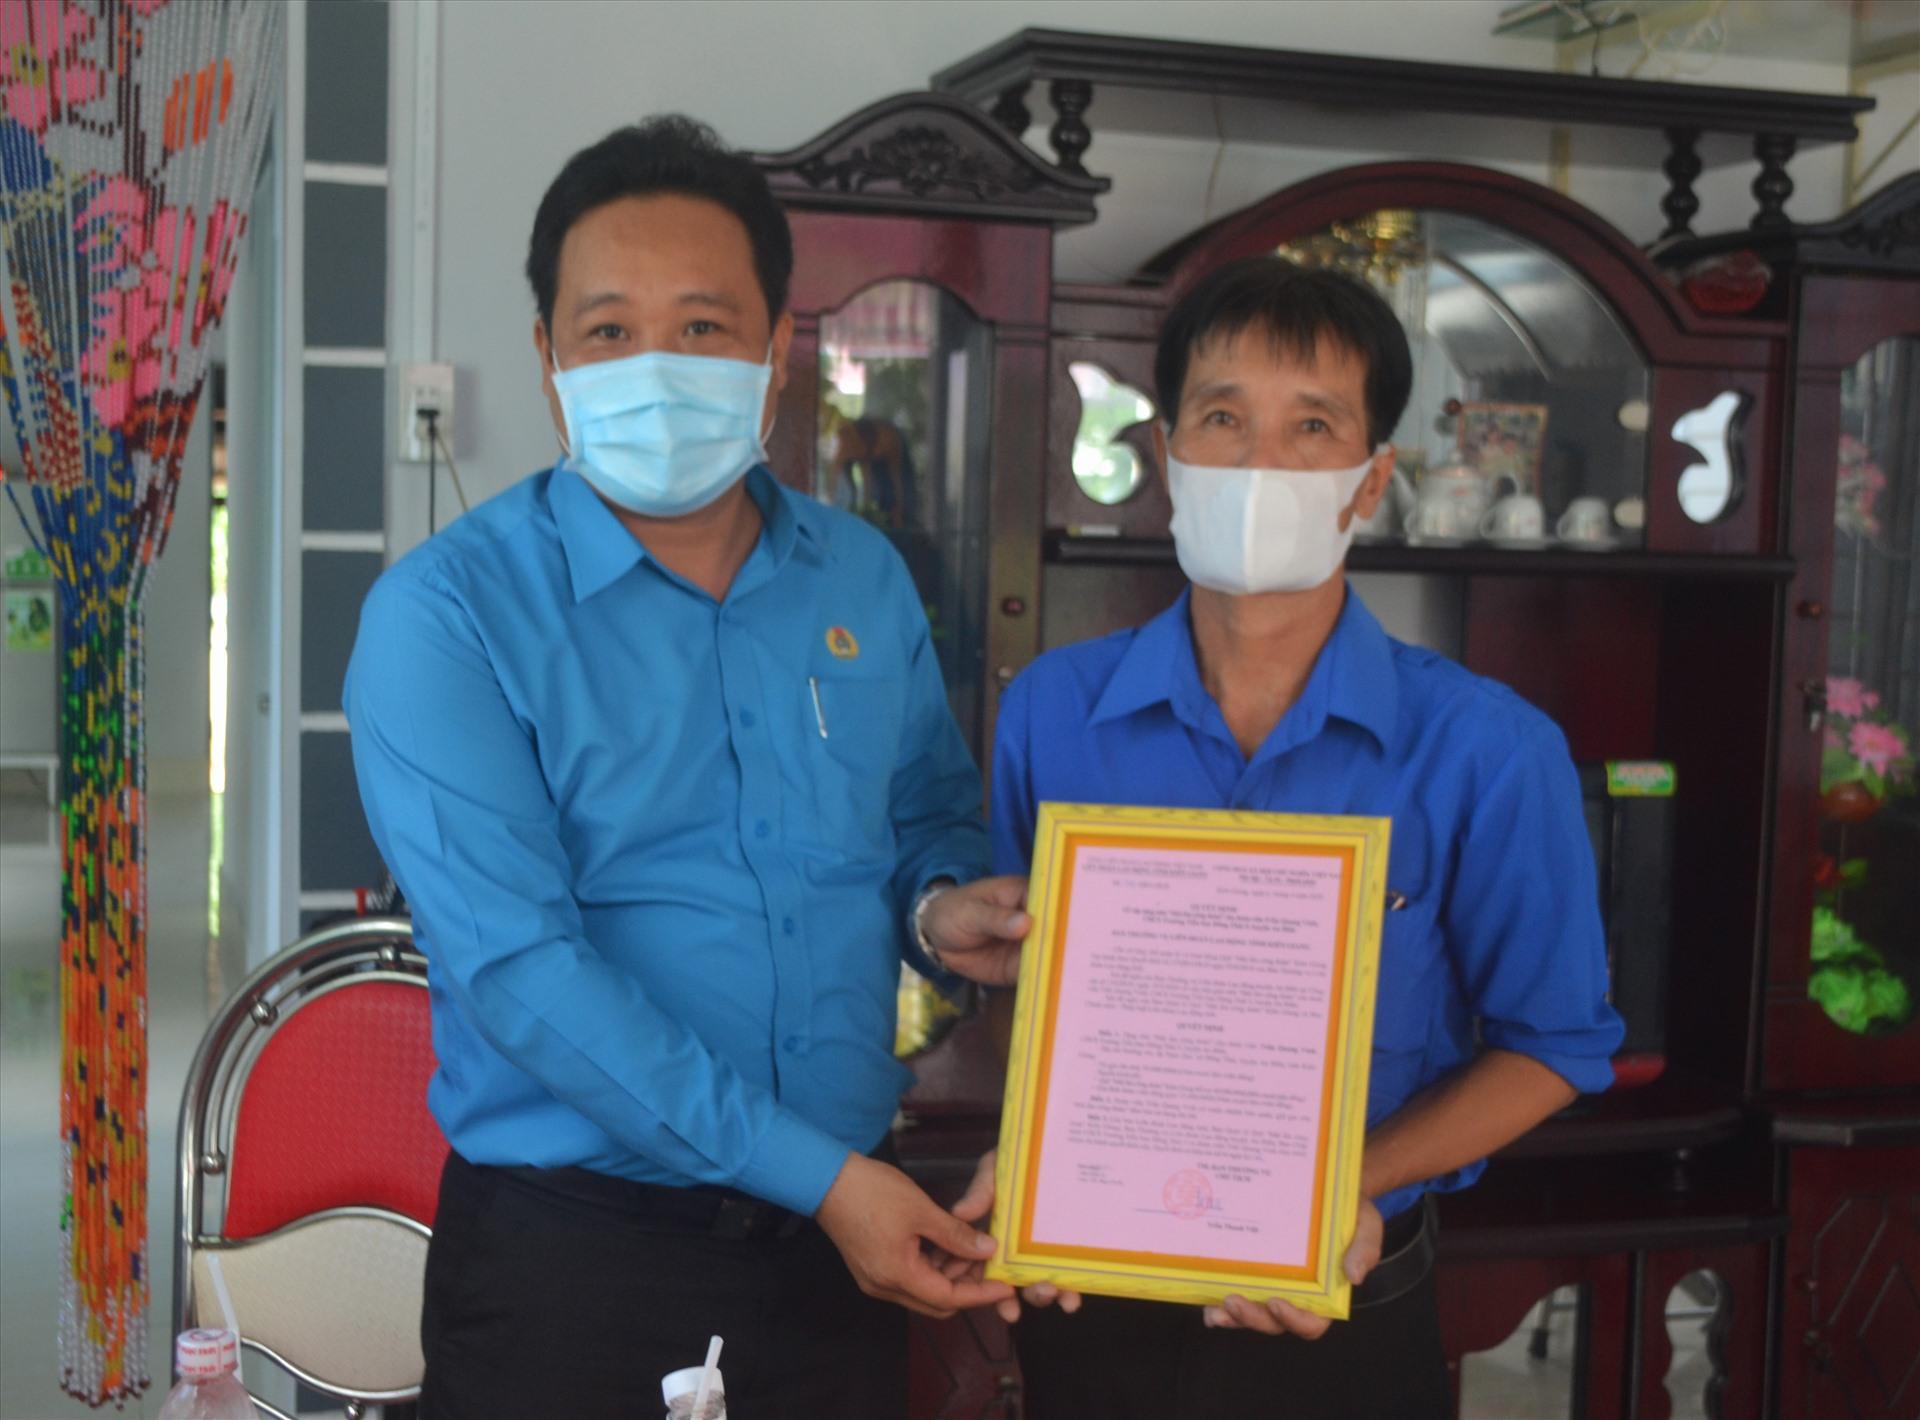 Ông Phạm Văn Đằng trao Giấy công nhận Mái ấm Công đoàn cho đoàn viên Trần Quang Vinh. Ảnh: LT